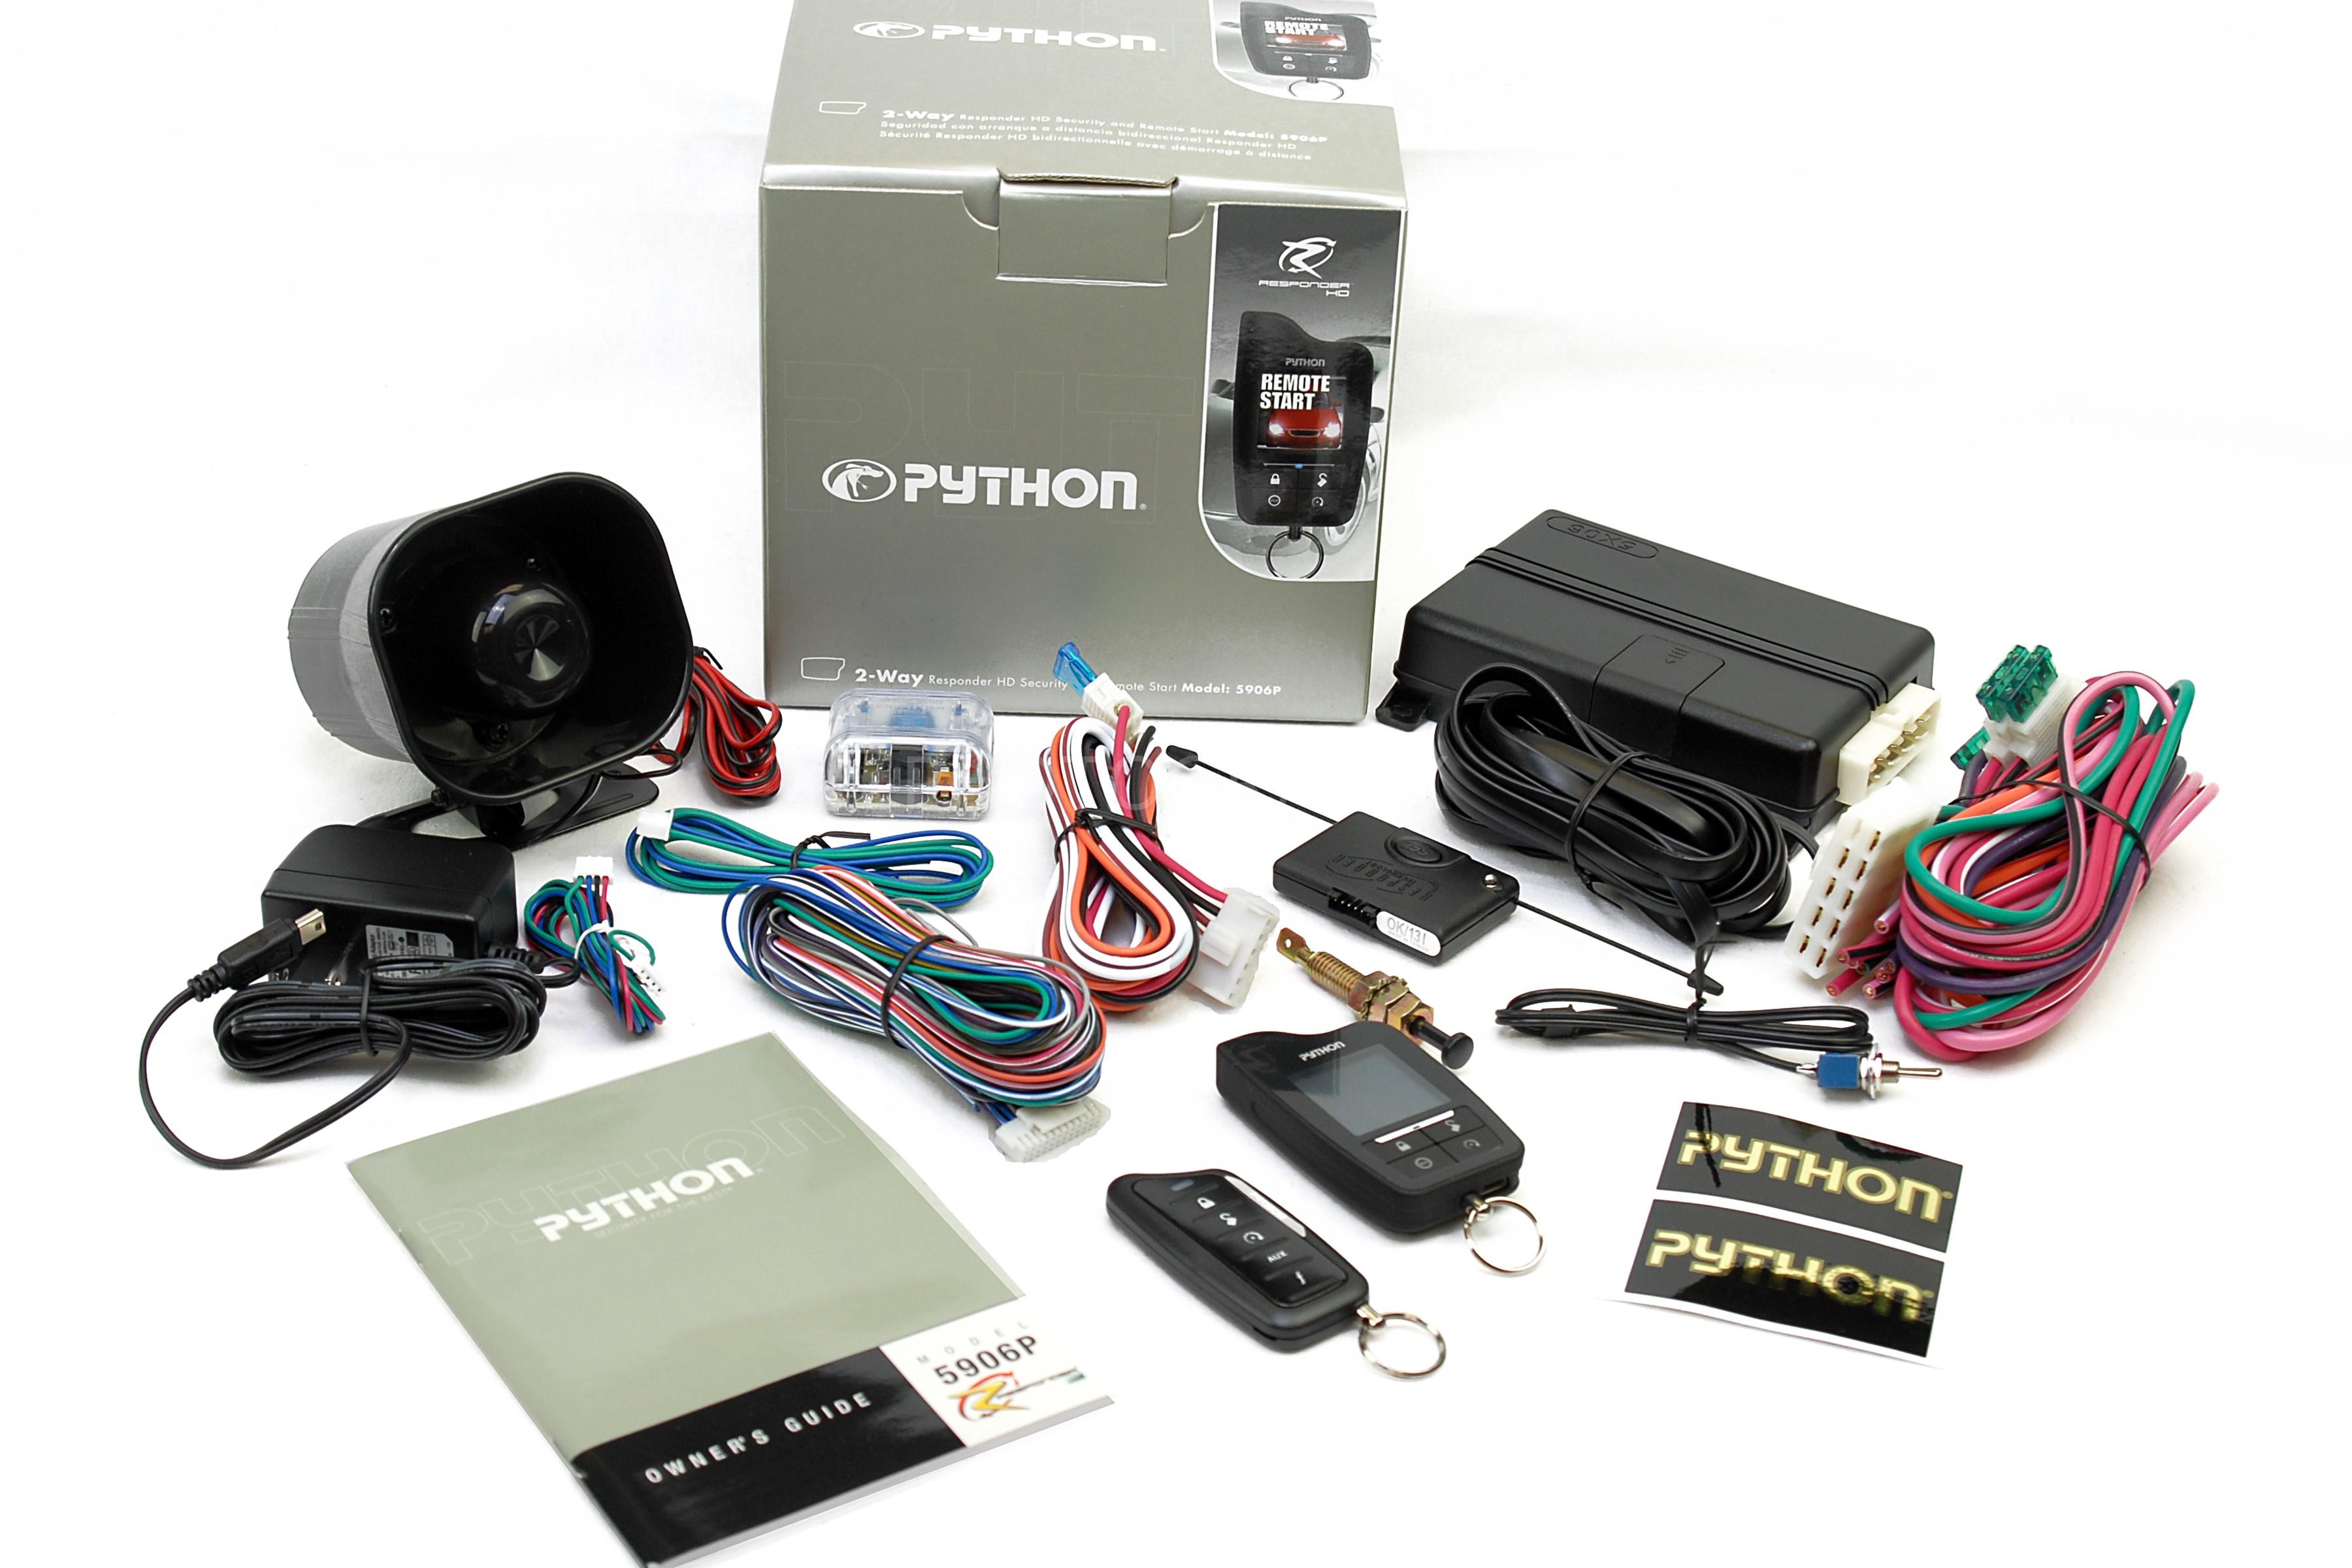 Python 5906p 2